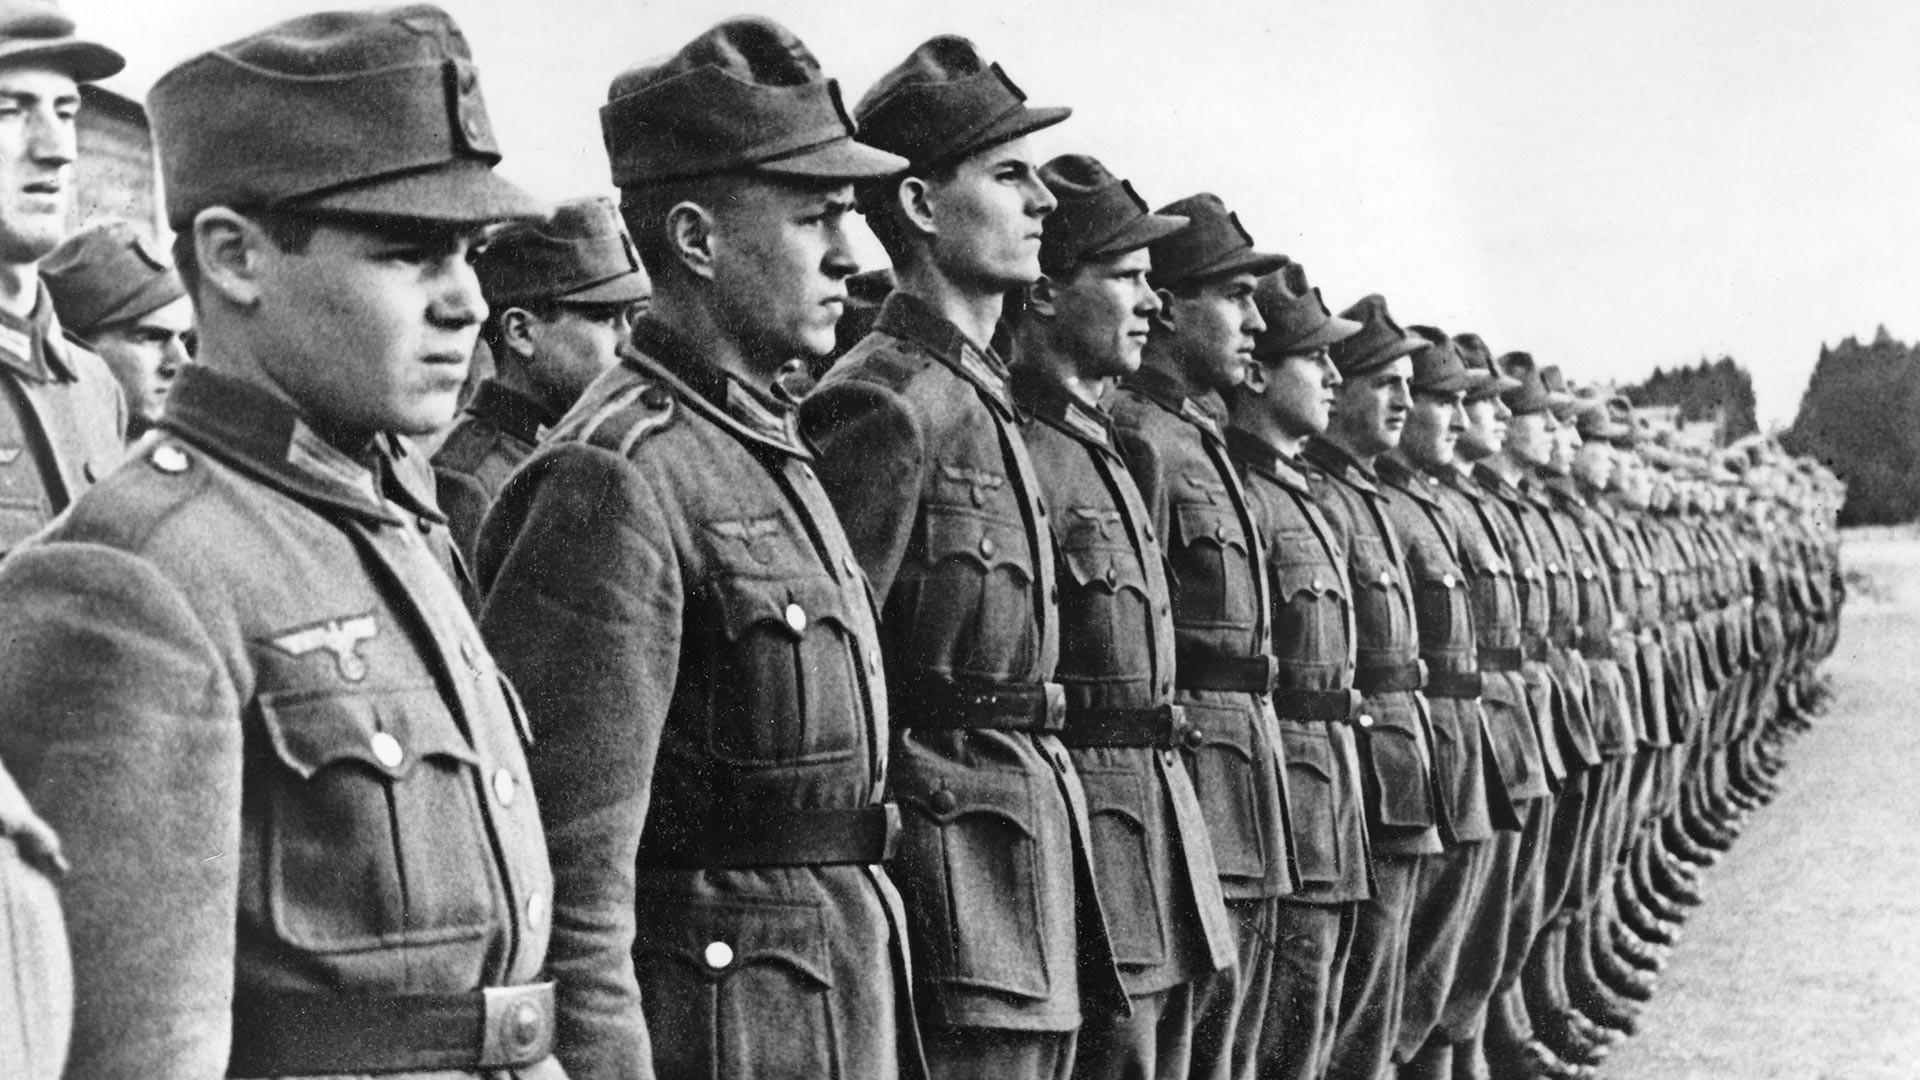 Други светски рат, Хрватска легија 1942. Нацистичка пропаганда приказује Хрватске волонтере који пролазе обуку за пријем у Вермахт. Фотографија је снимљена у јануару 1942. године.